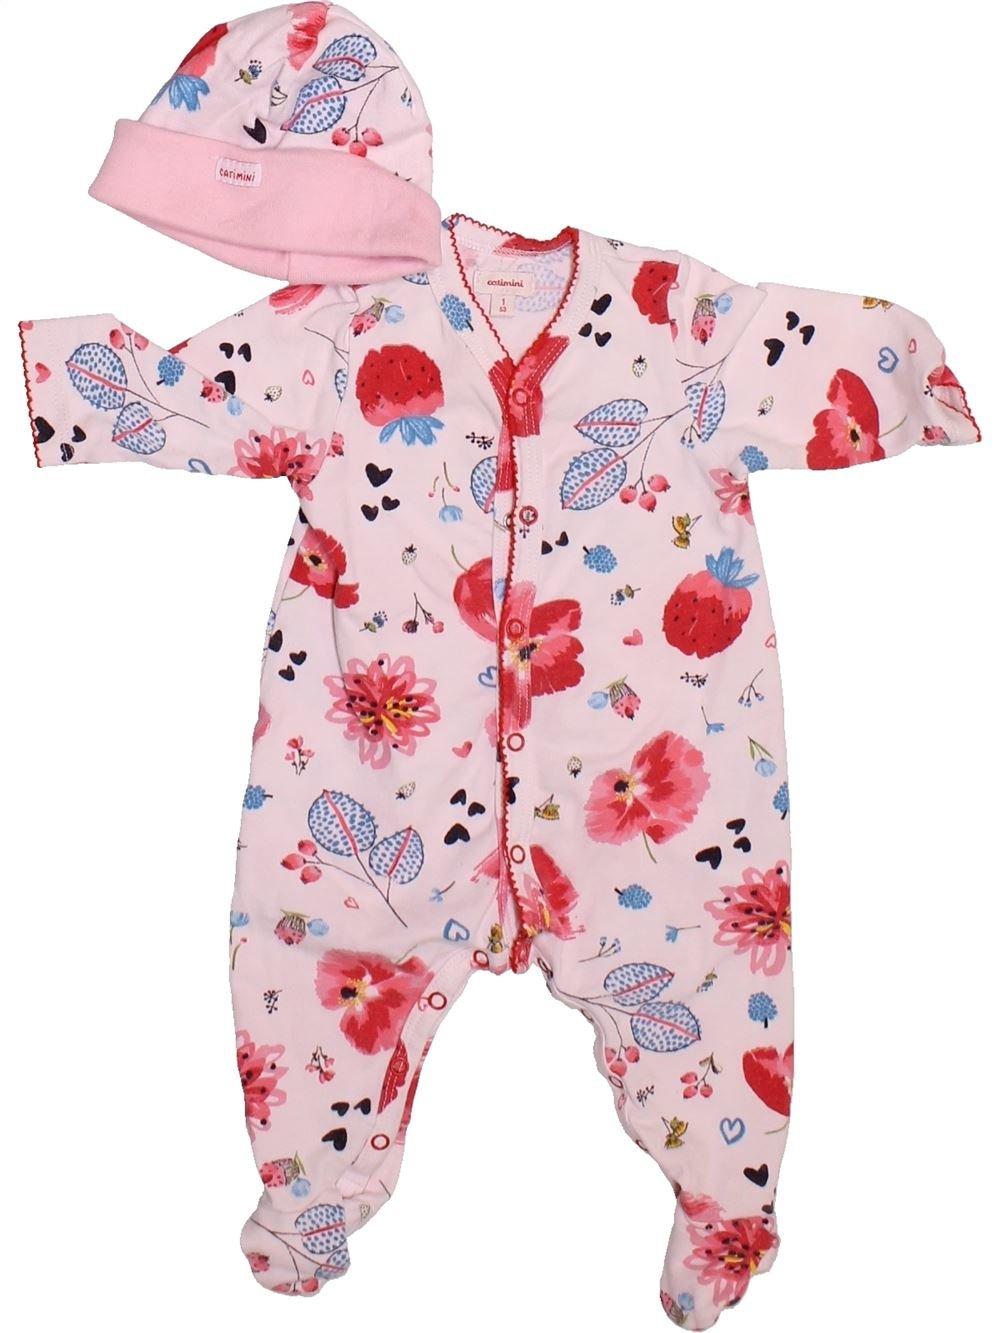 élégant et gracieux livraison gratuite attrayant et durable Pyjama 1 pièce Fille CATIMINI 1 mois pas cher, 7.75 € - #1492790